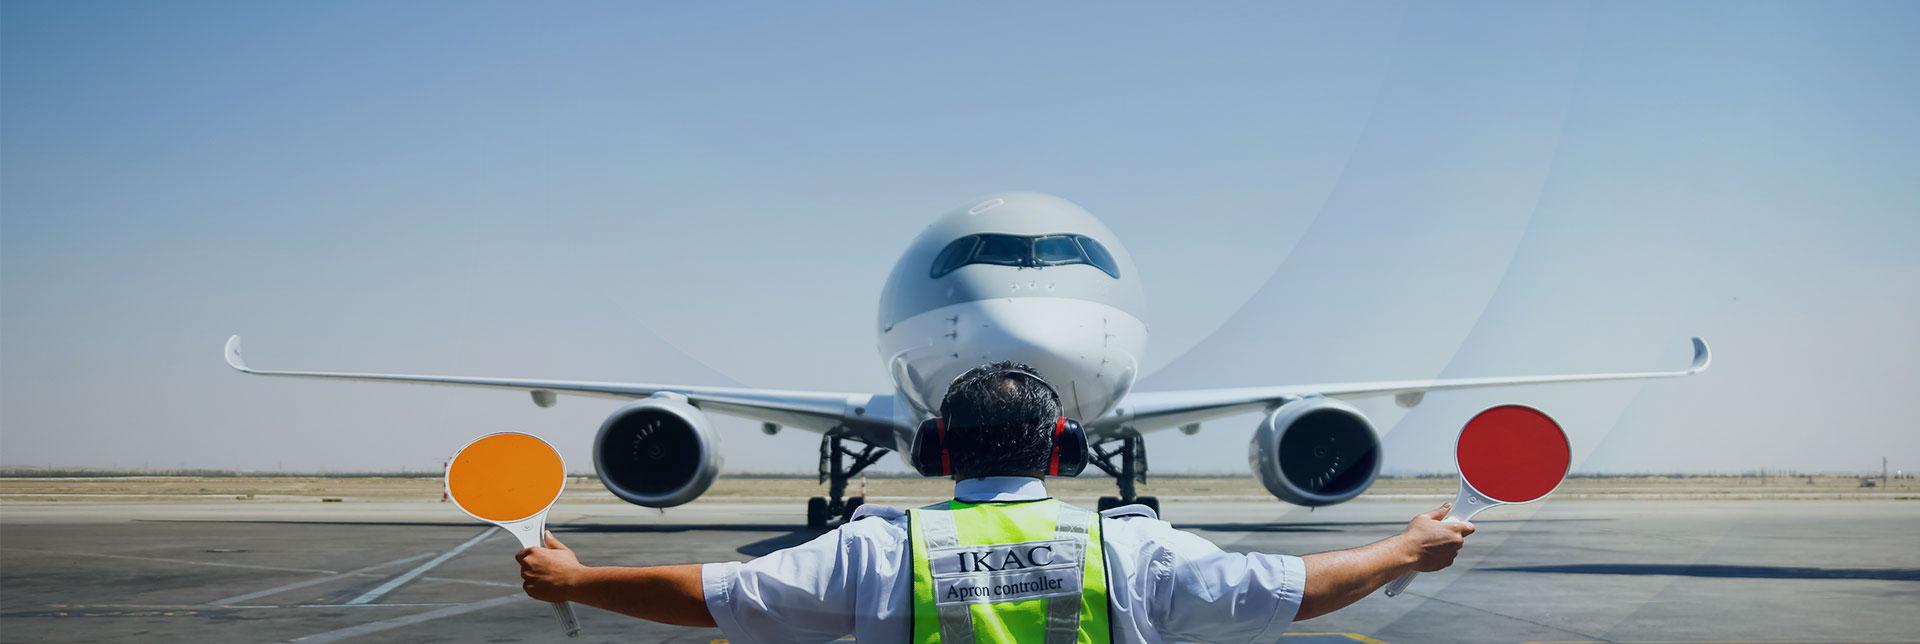 هواپیمایی های فرودگاه امام خمینی